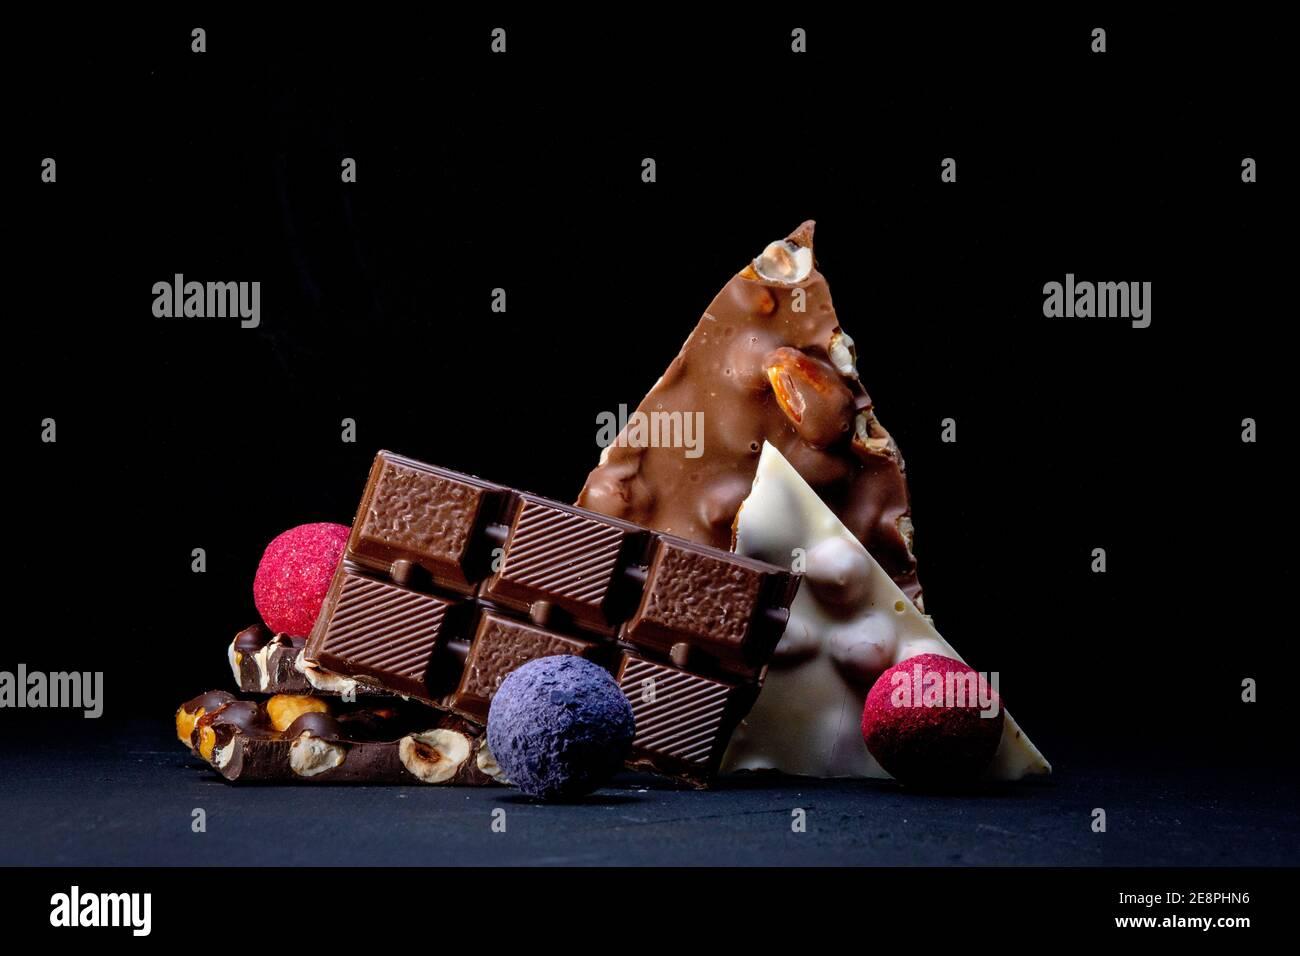 Trufa de chocolate con trozos de chocolate y polvo de cacao volador sobre un fondo oscuro. Foto de stock